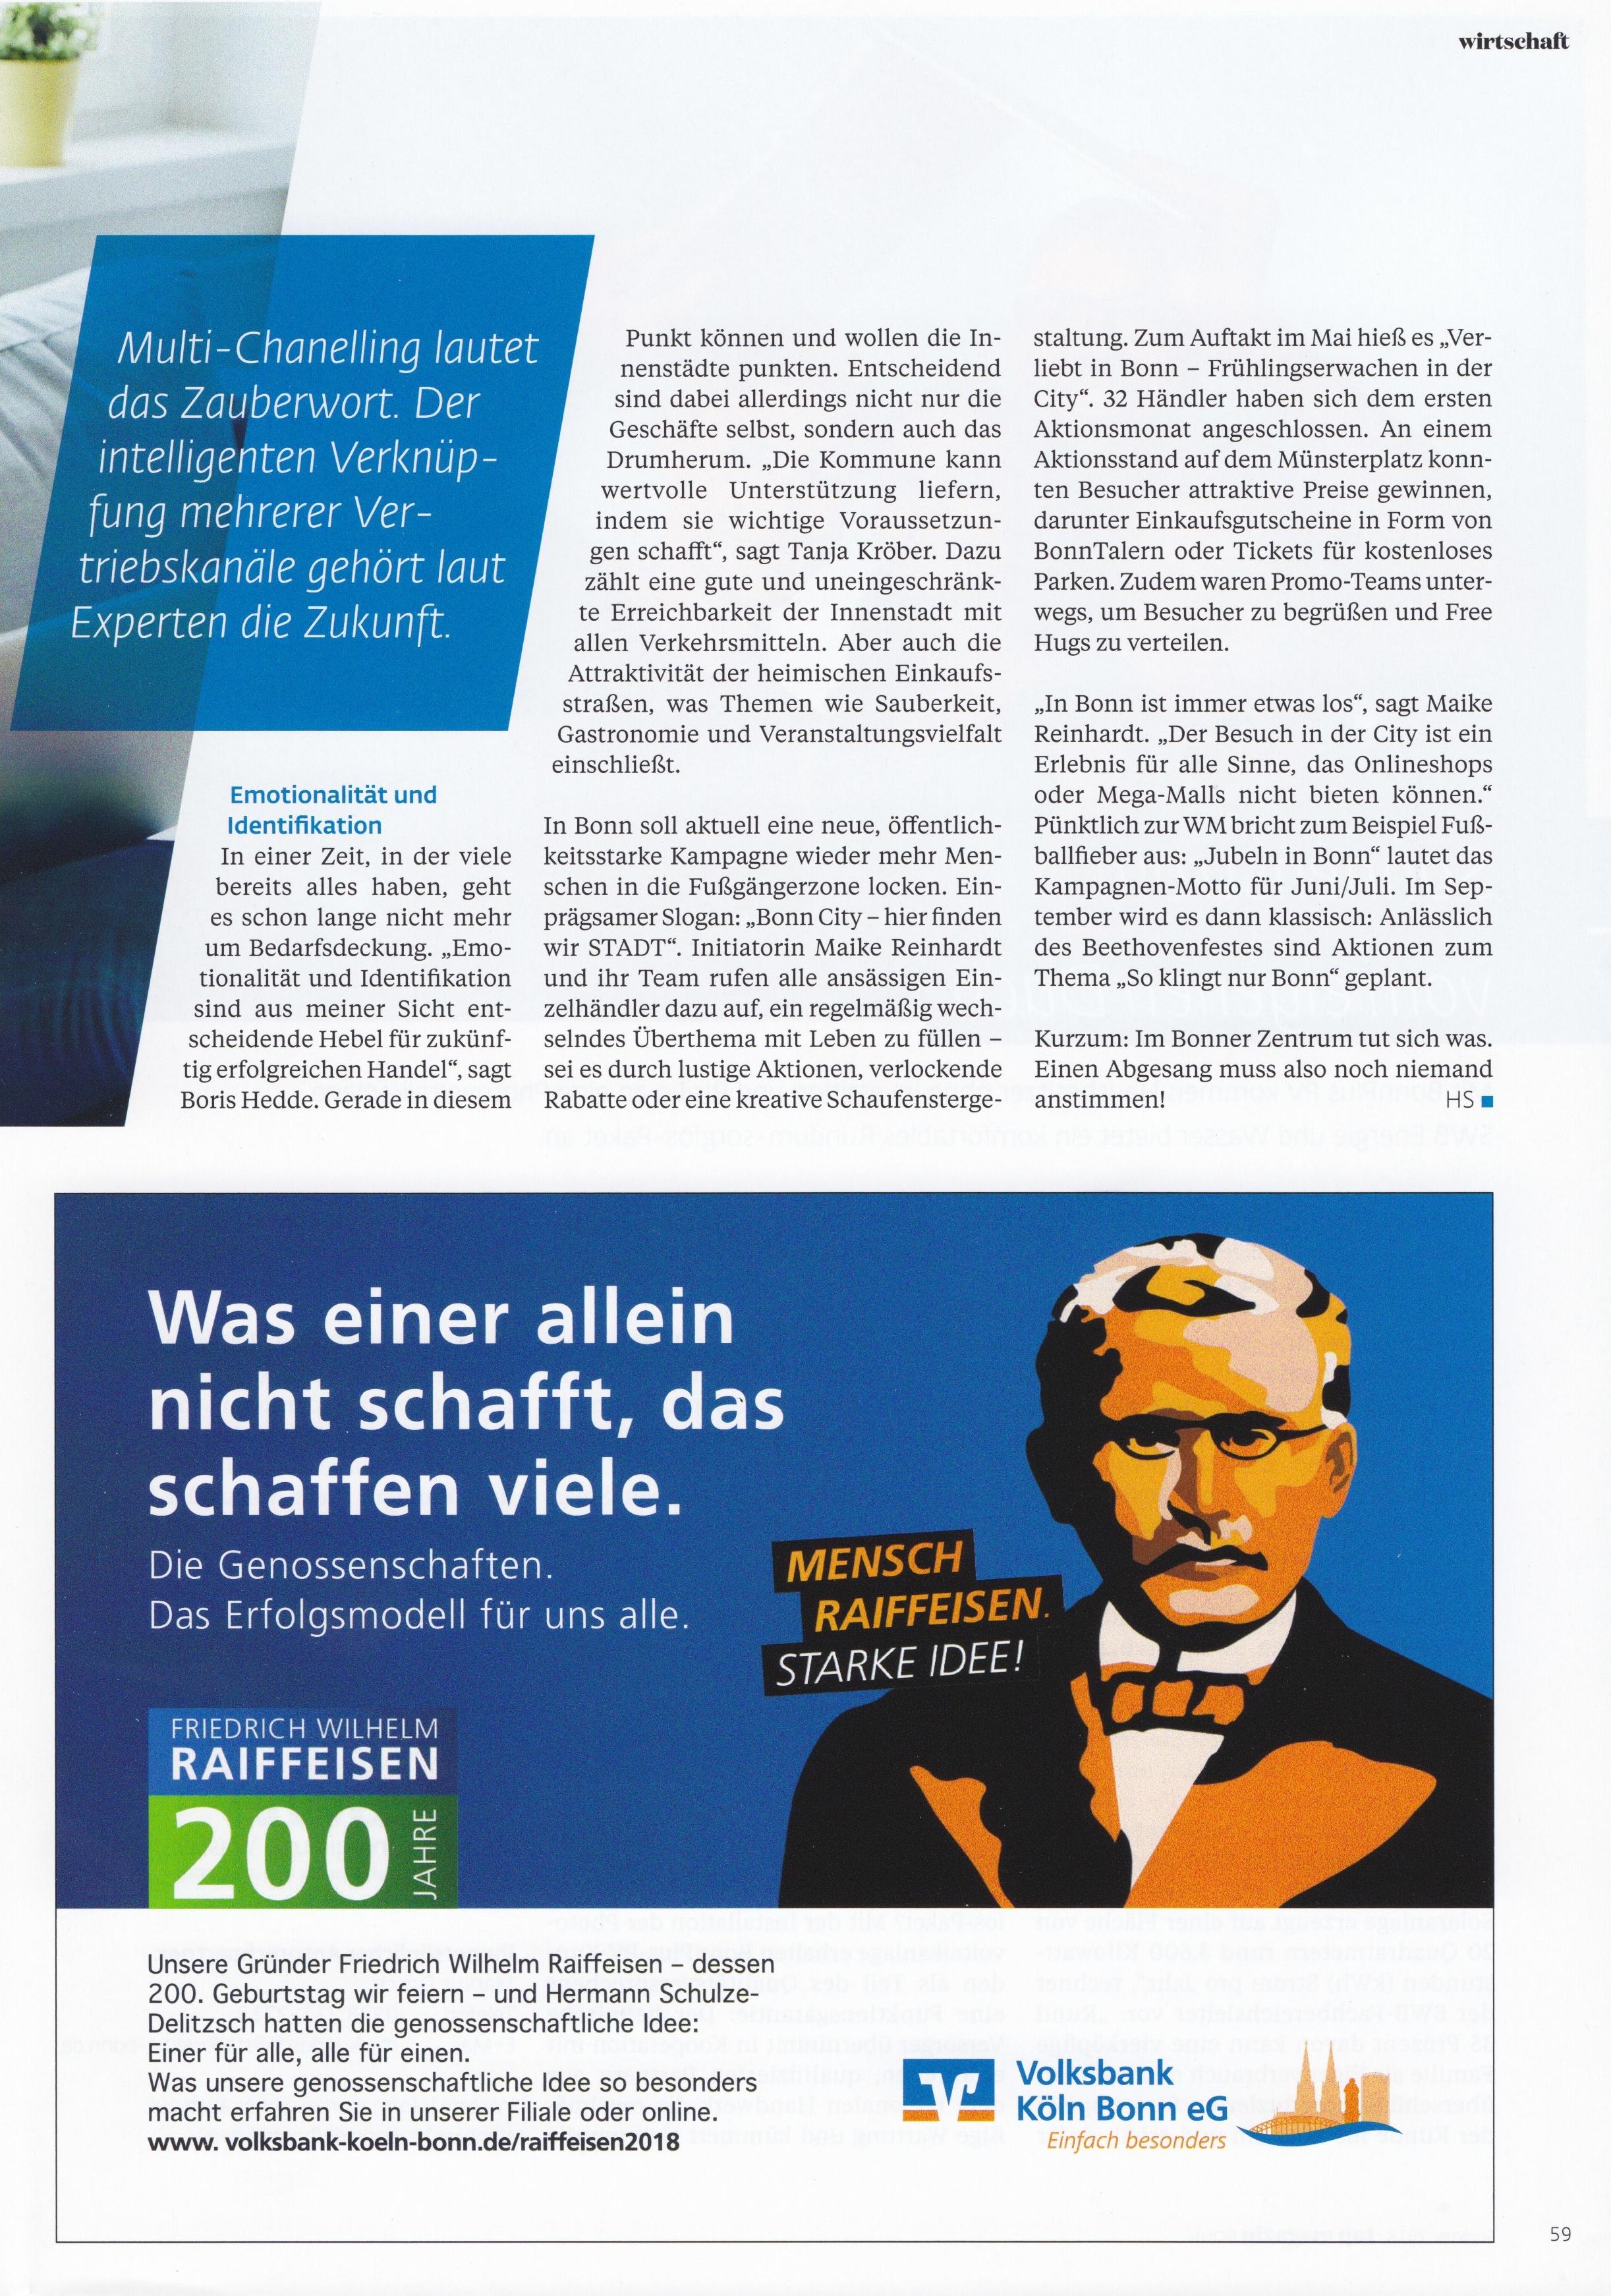 Top Magazin Bonn 4 - Differenzierung, USP, Wertsteigerung - - Roman Kmenta - Keynote Speaker und Autor